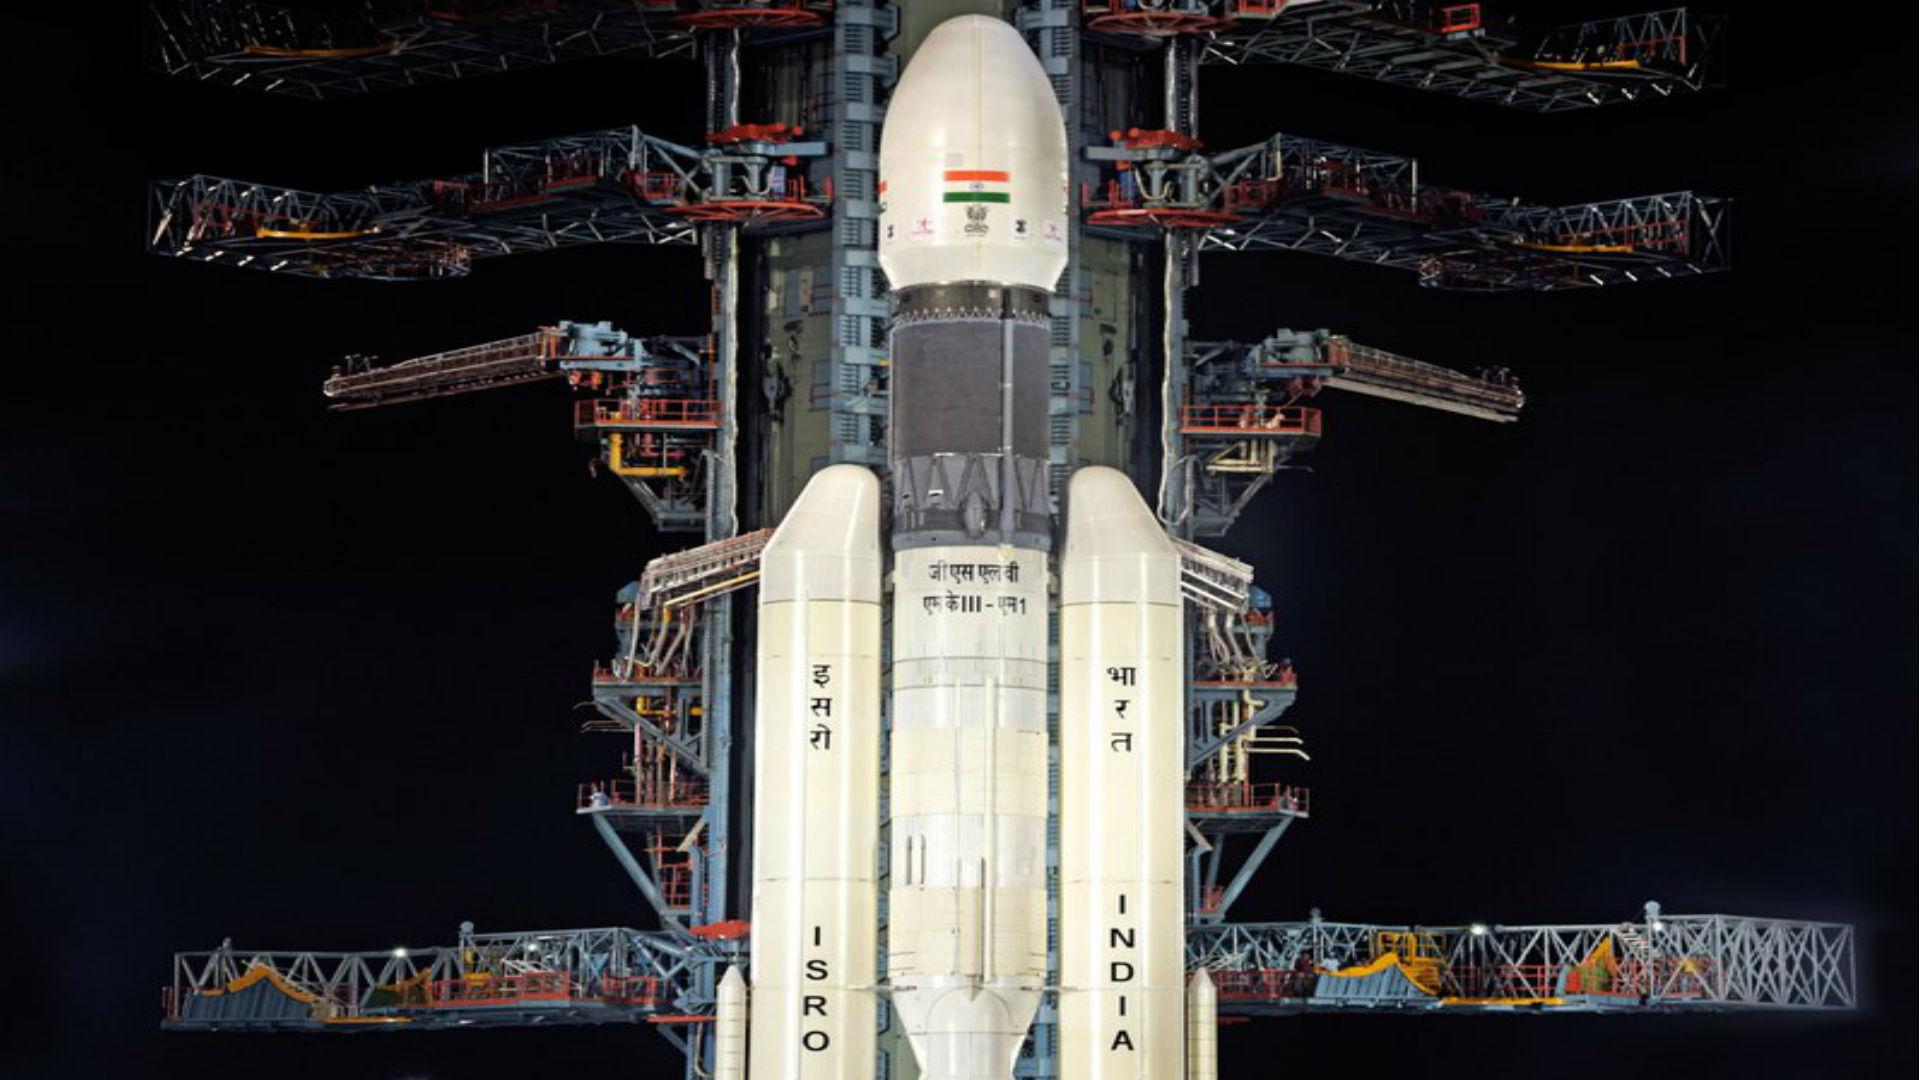 Chandrayaan 2: चंद्रयान 2 ने चंद्रमा की कक्षा में किया प्रवेश, ISRO चीफ बोले- सही दिशा में है मिशन